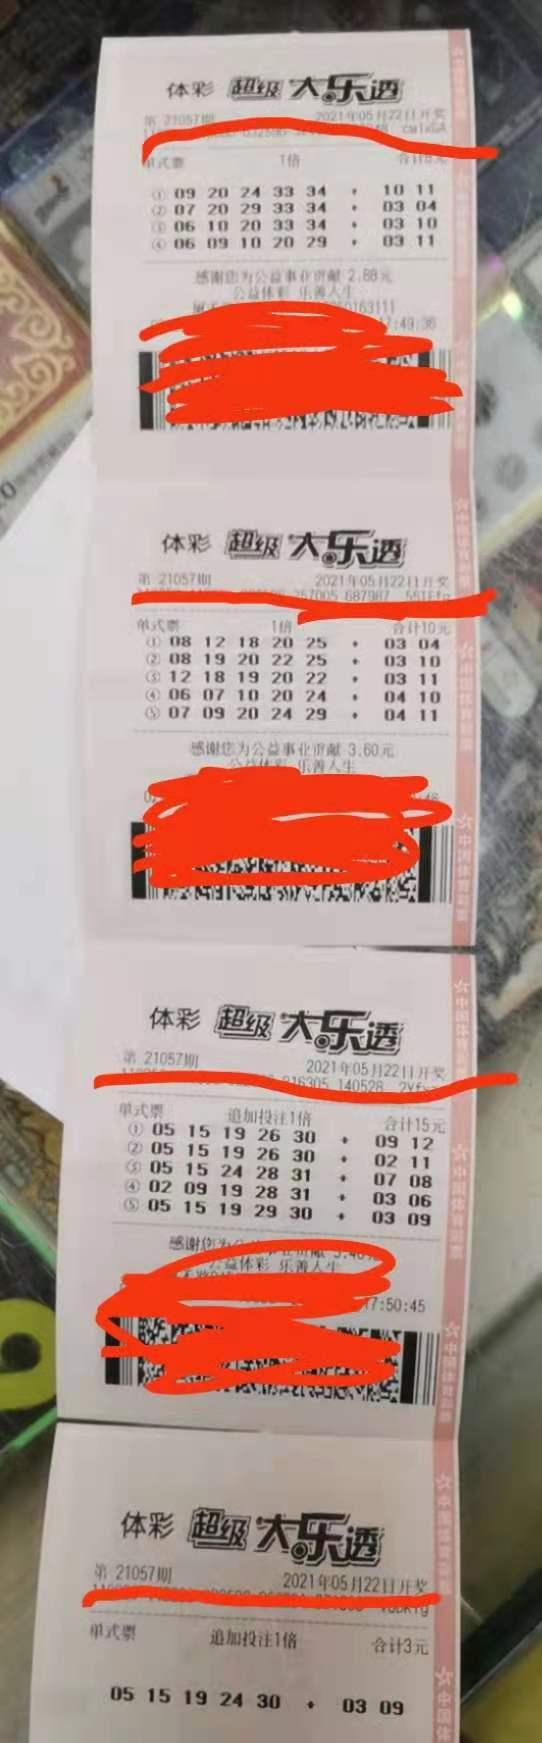 大乐透21057期,老觉得18元投入大了,合买省钱